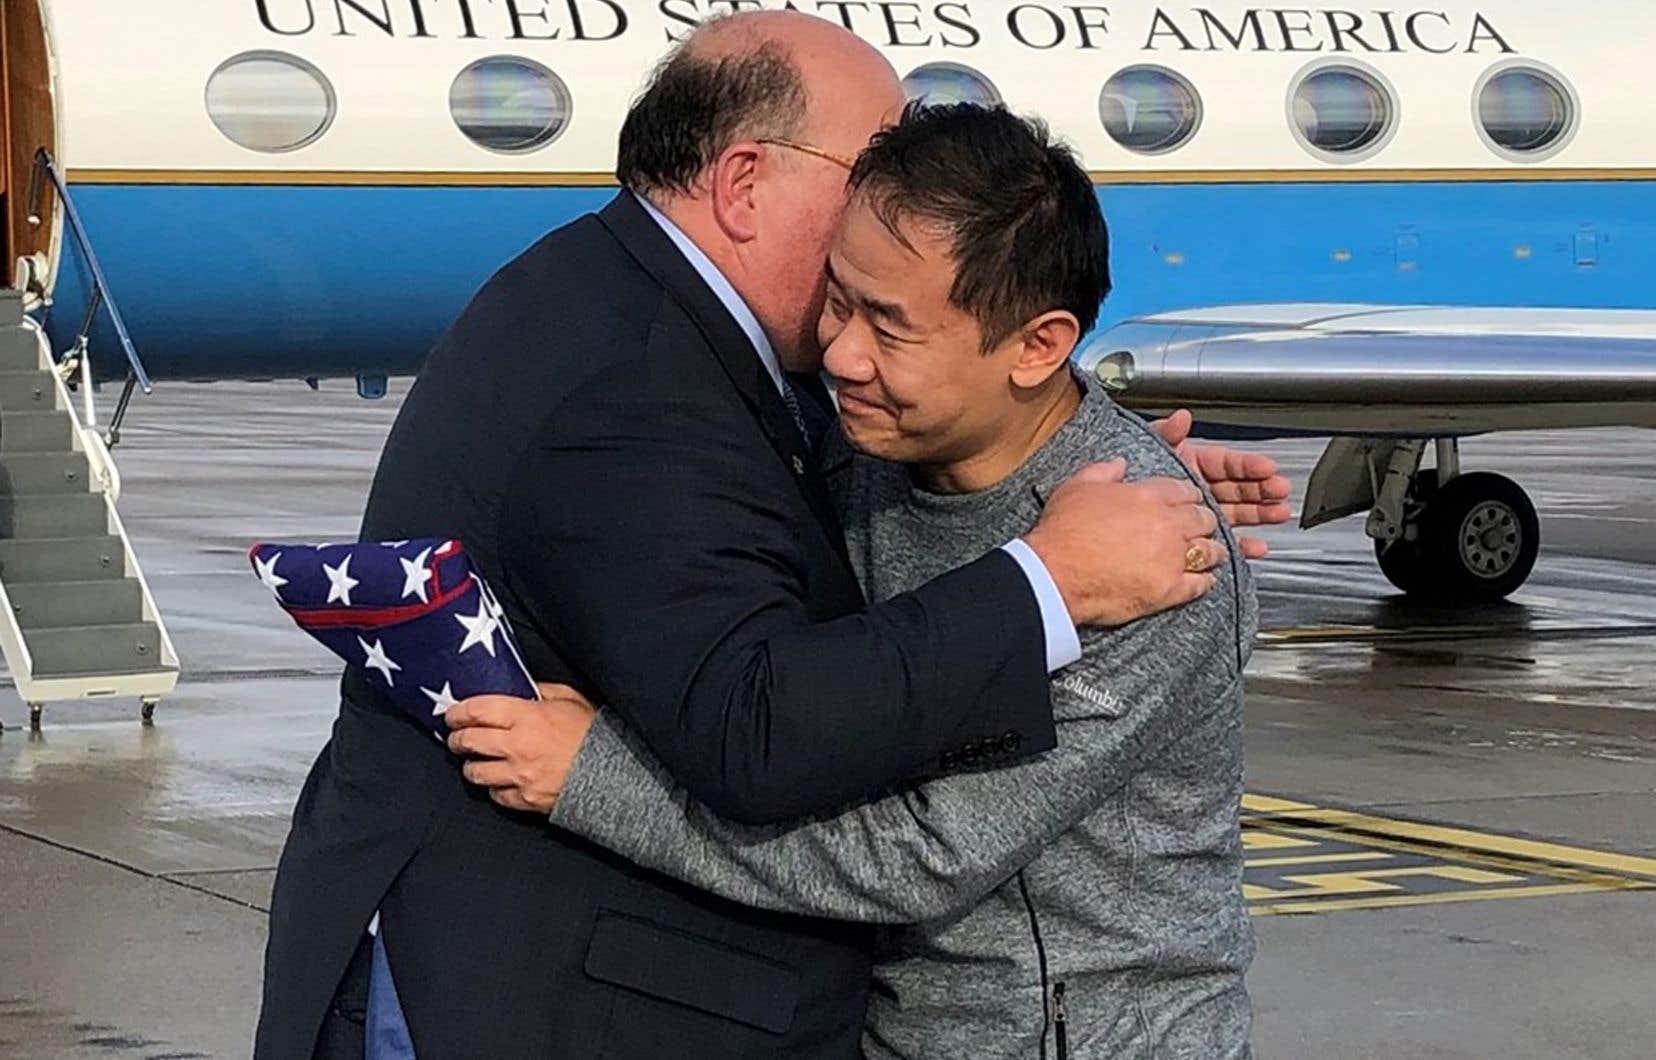 Des photos publiées par Washington montrent XiyueWang accueilli par des diplomates américains sur le tarmac de l'aéroport de Zurich.